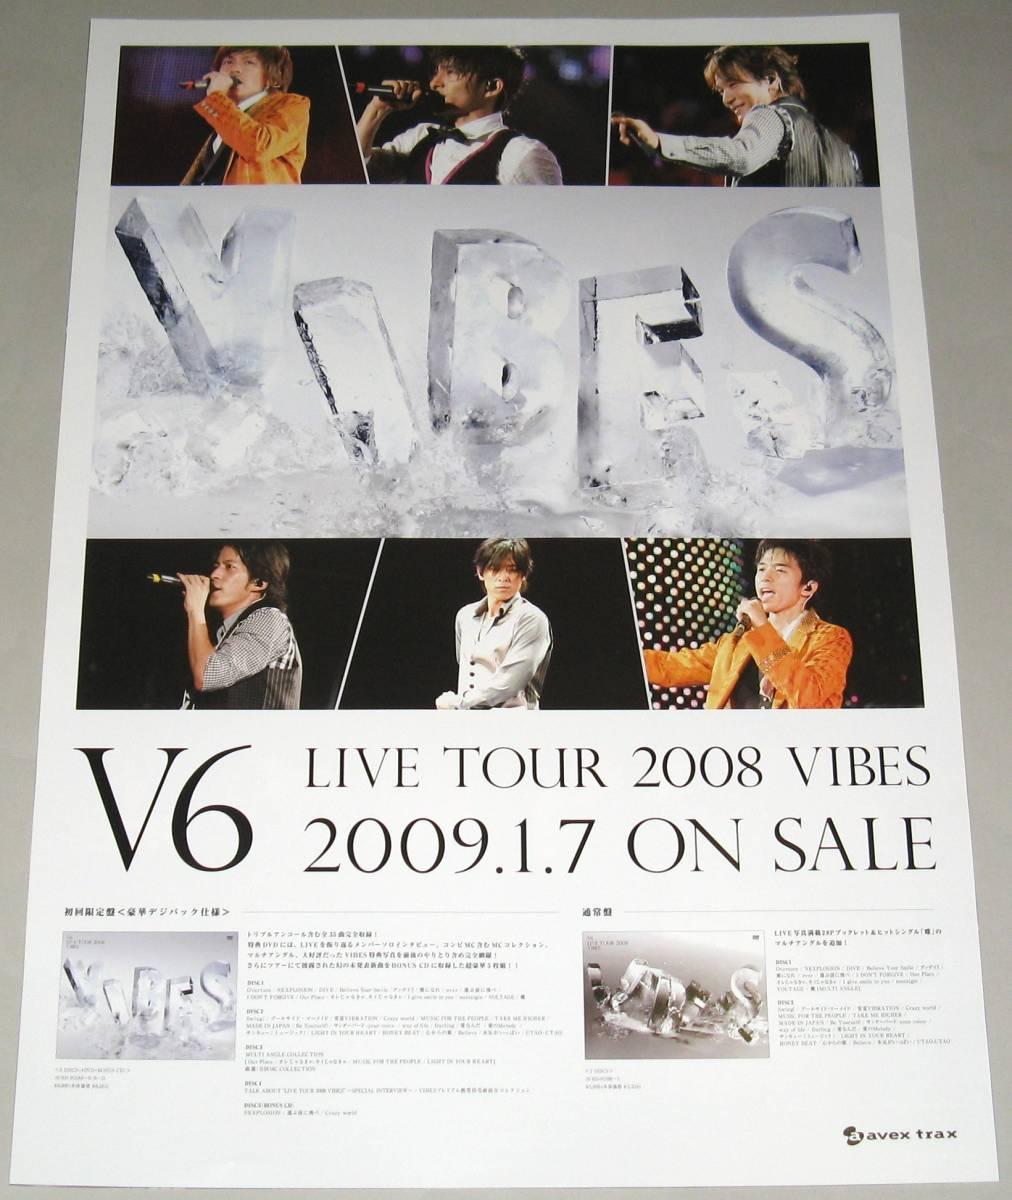 Γ15 告知ポスター V6 [LIVE TOUR 2008 VIBES]